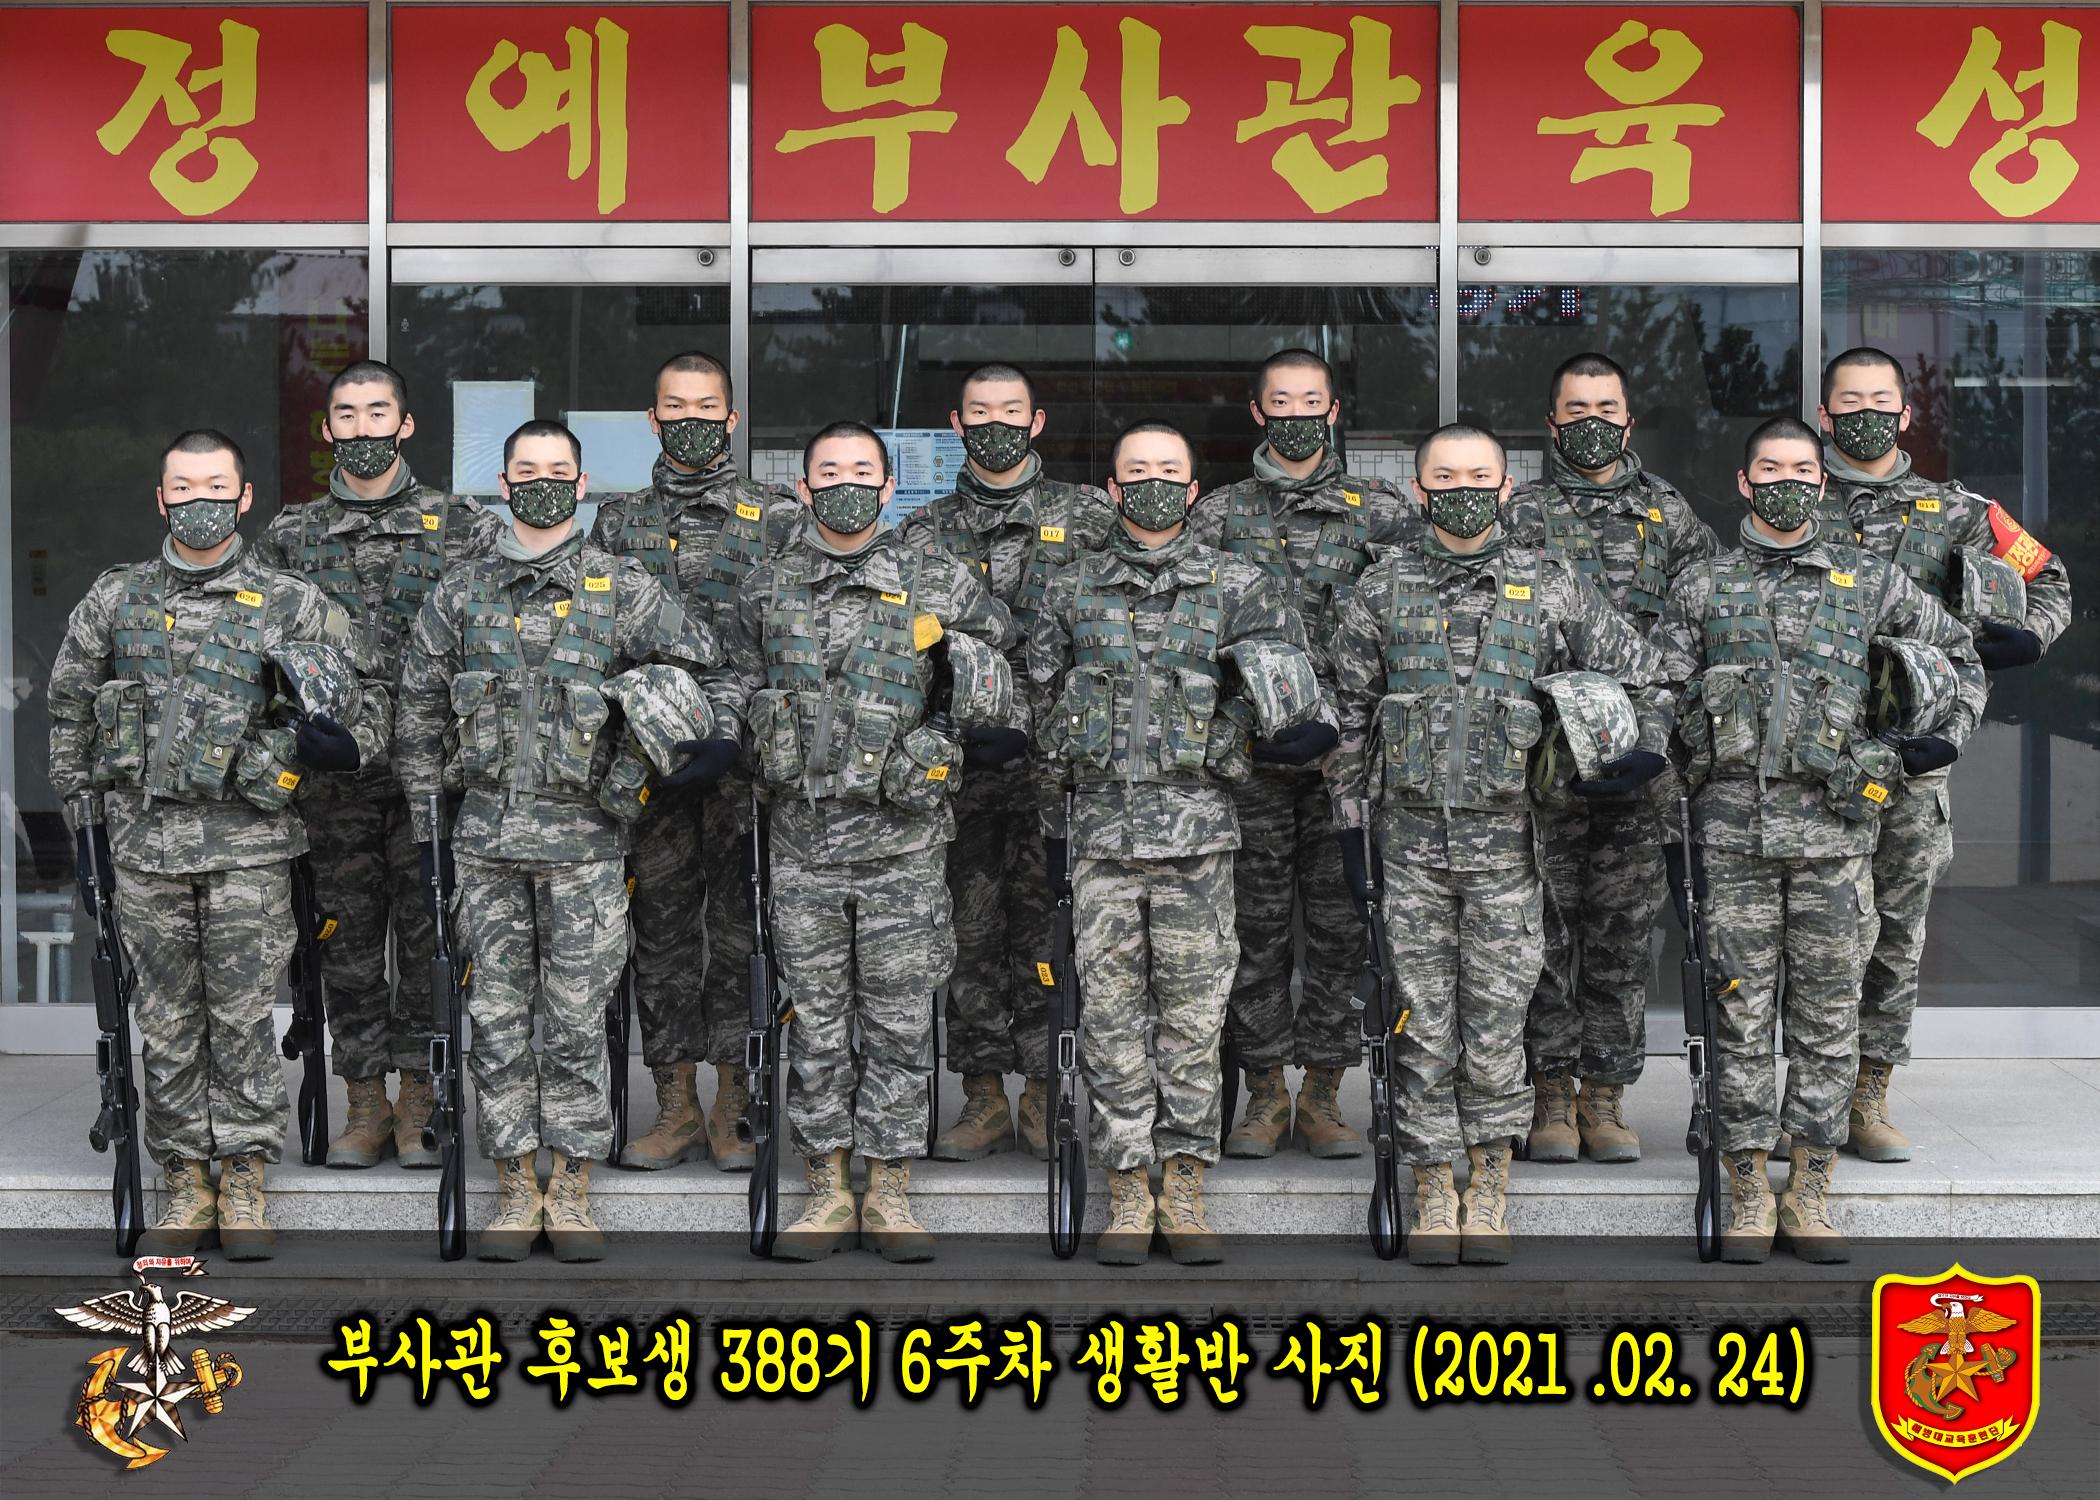 해병대 부사관후보생388기 6주차 생활반 사진 2.jpg